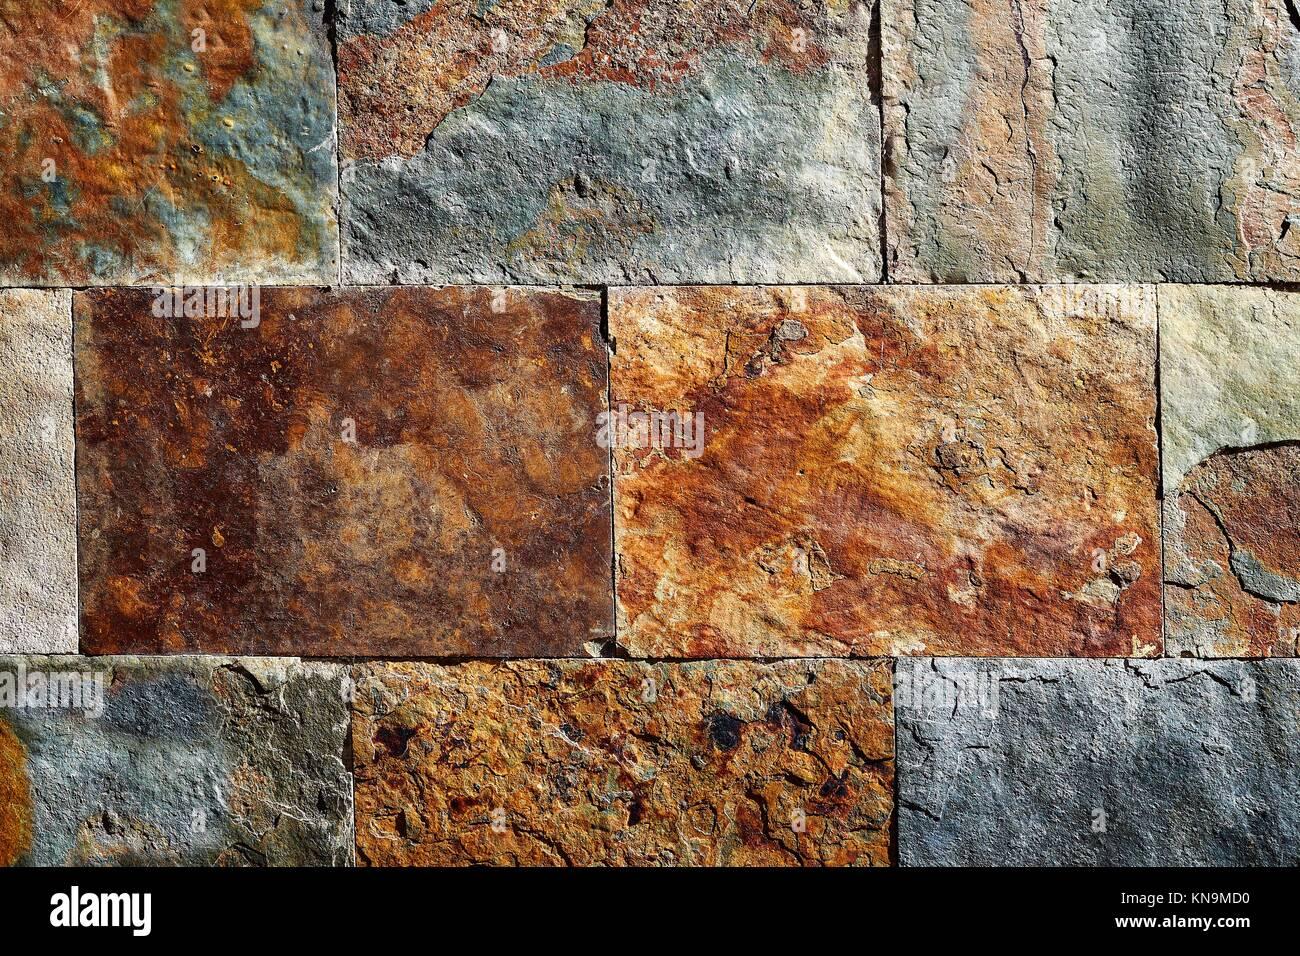 Pietra ardesia texture colorate piastrelle con arrugginito rosso